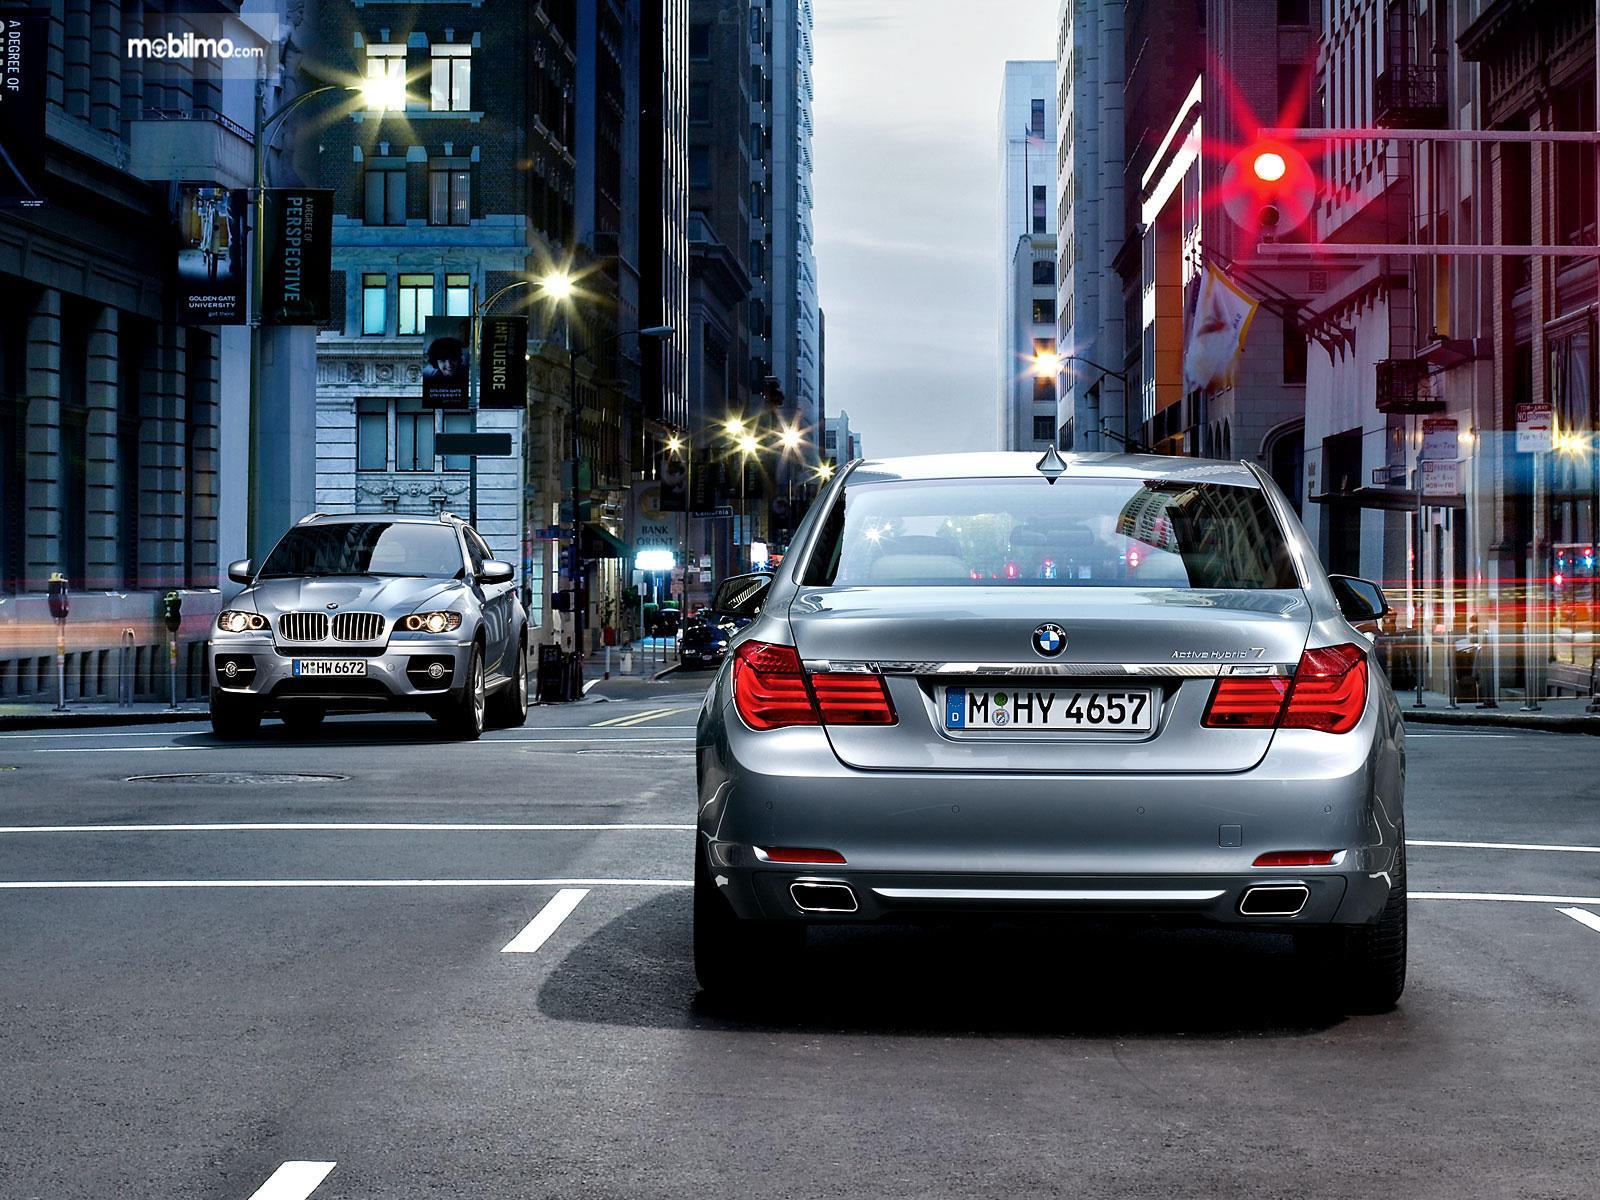 Foto mobil BMW Berhenti di lampu merah